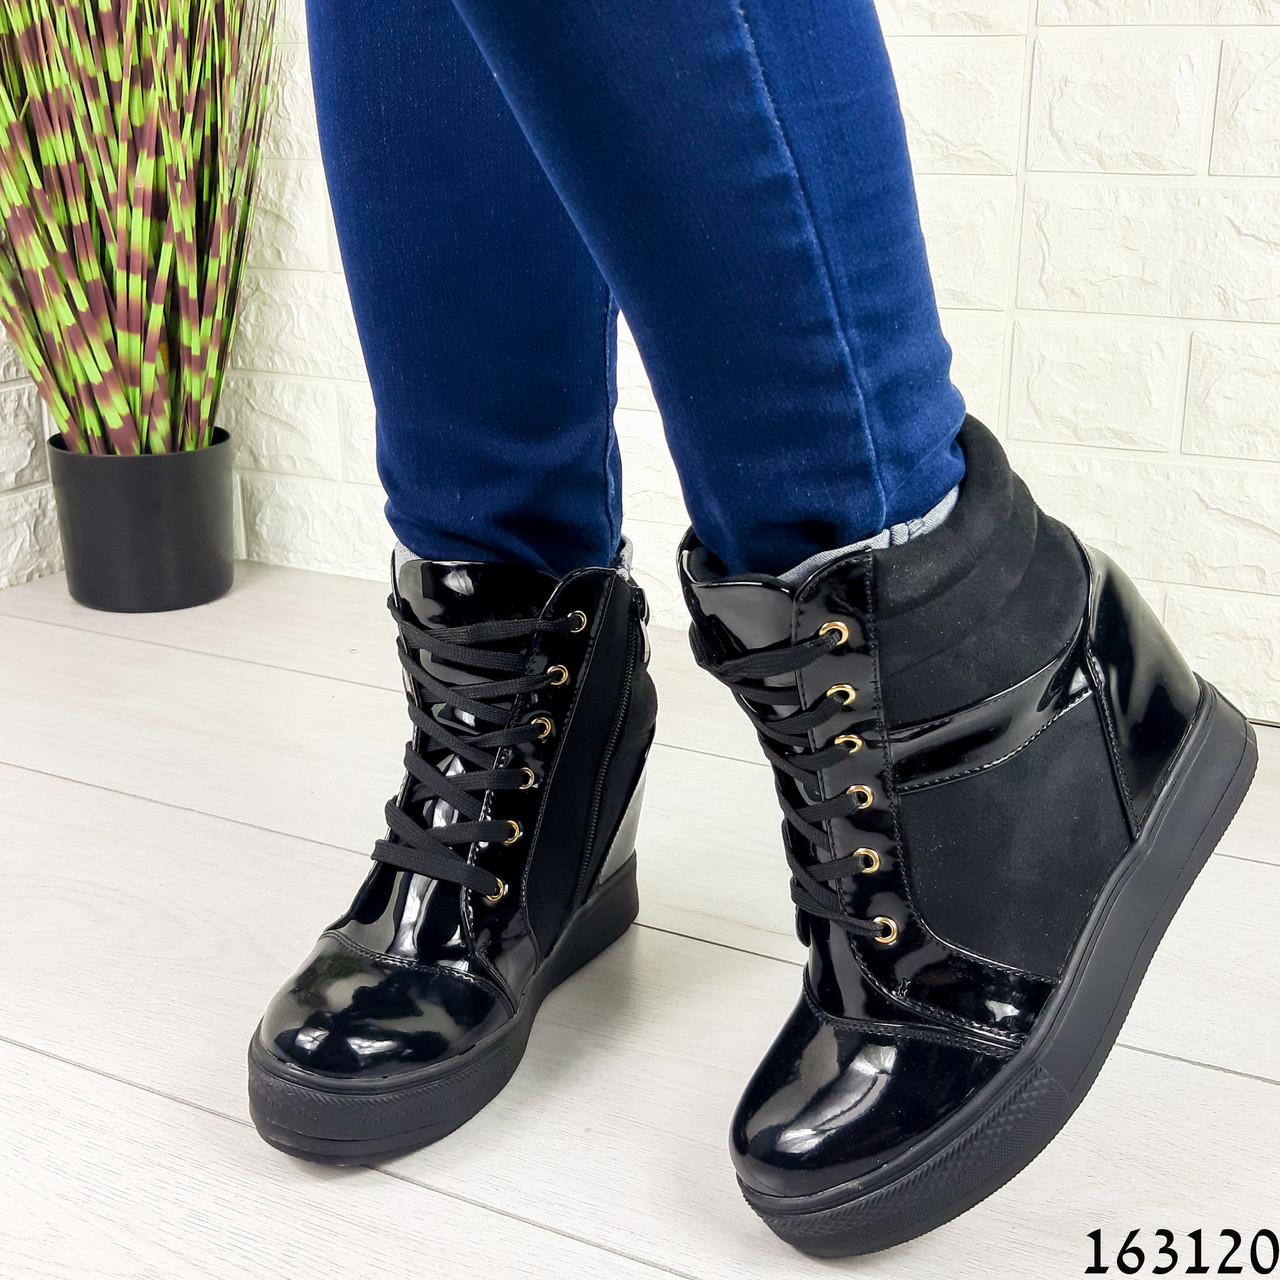 Жіночі черевики демісезонні чорні на танкетці з еко замші + еко лак. Всередині текстильна підкладка